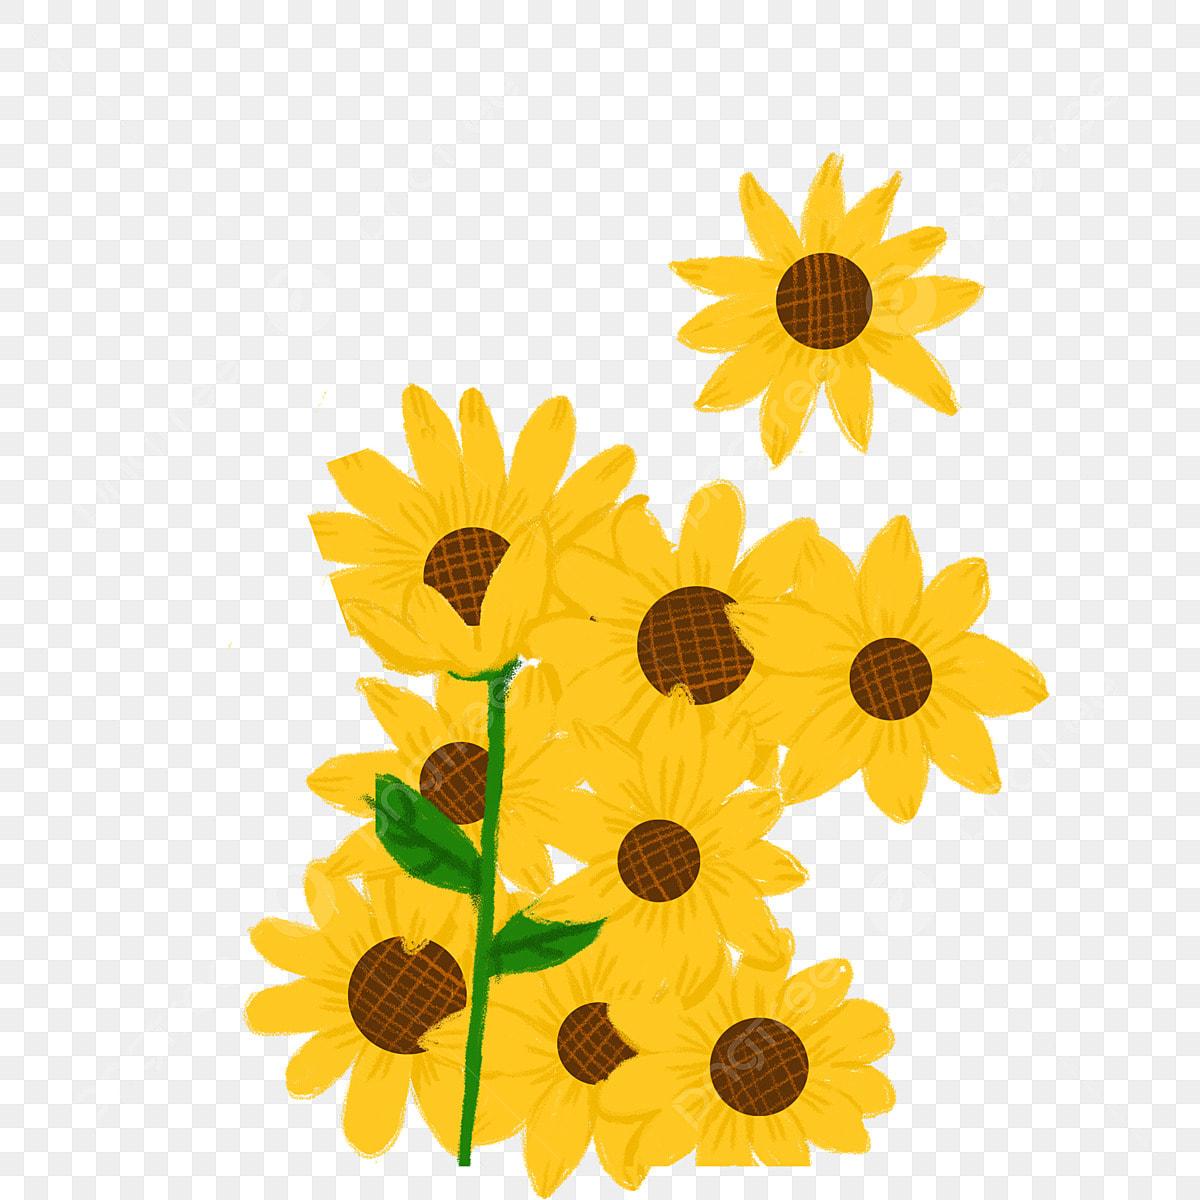 Gambar Bunga Kuning Bunga Bunga Bunga Matahari Ilustrasi Kartun Png Transparan Clipart Dan File Psd Untuk Unduh Gratis